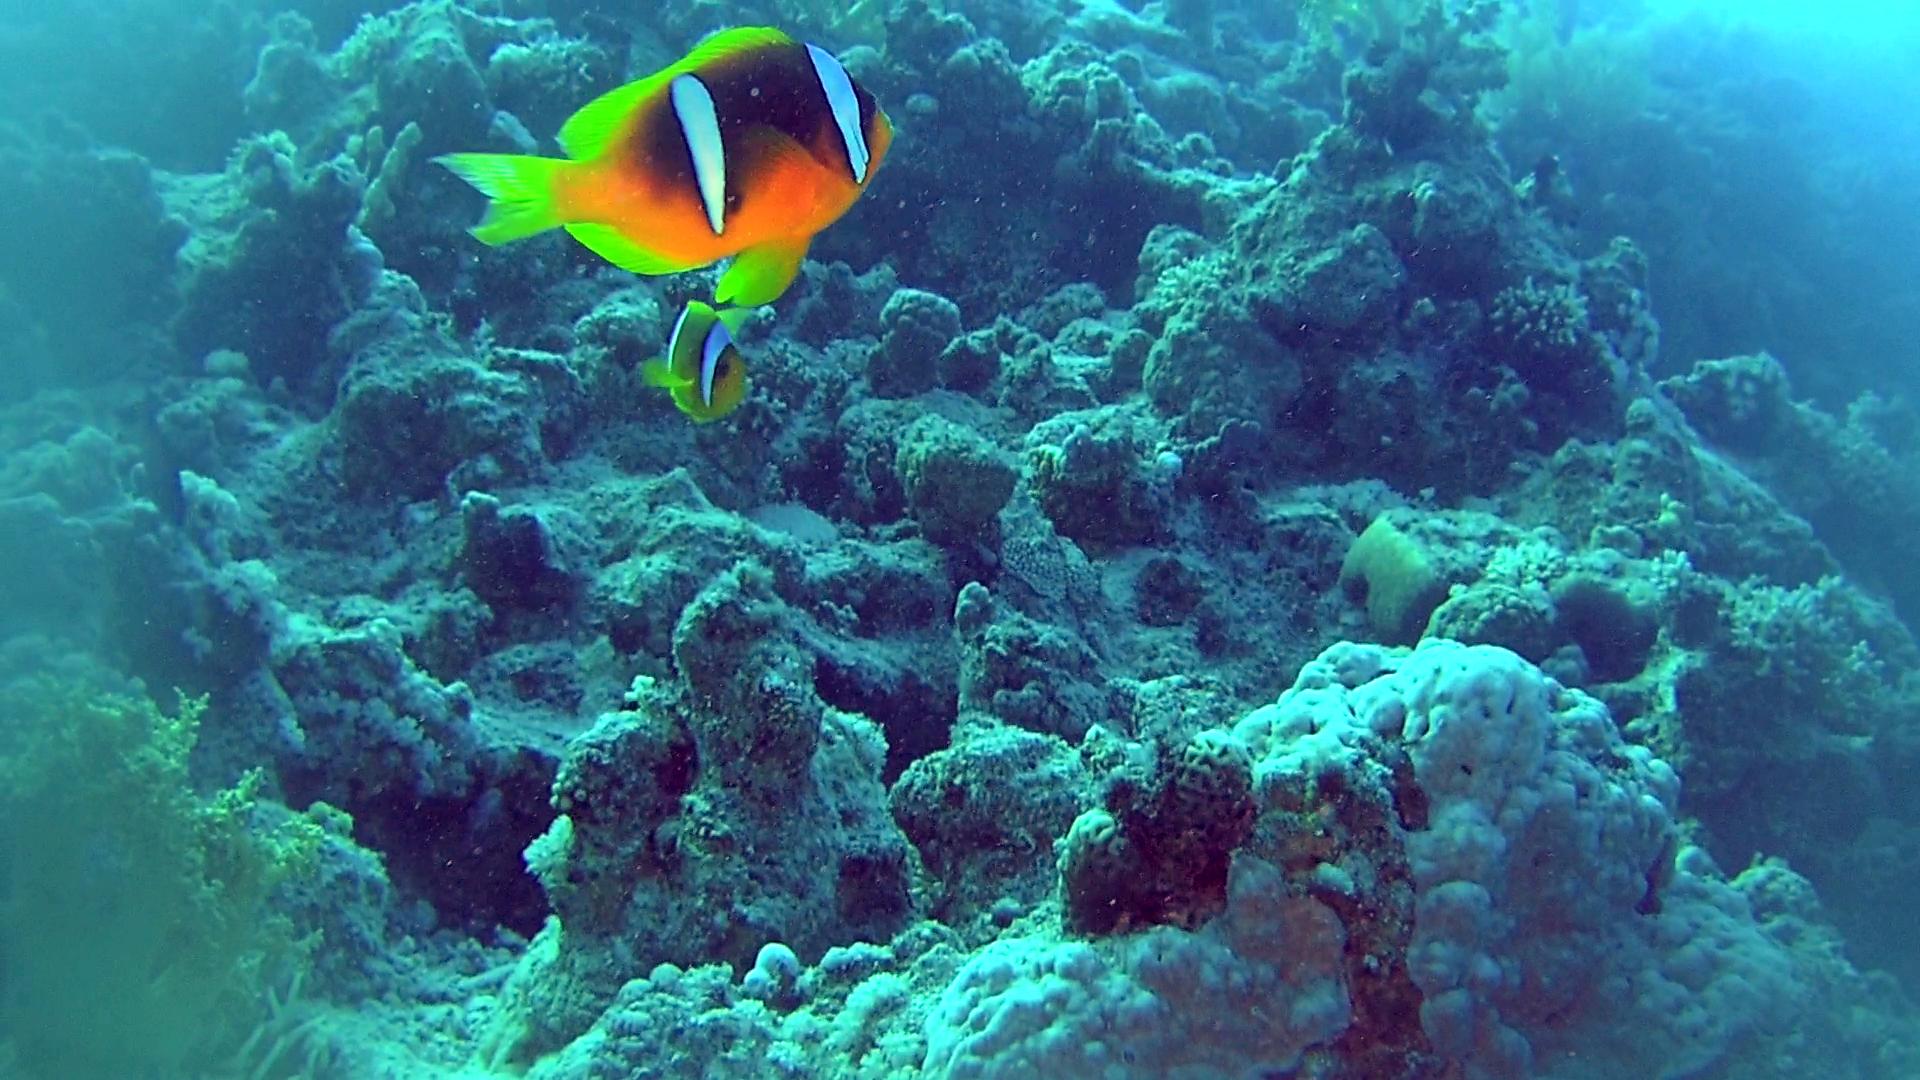 Pesce Pagliaccio dalla Coda Gialla - Amphiprion clarkii - Pesce Pagliaccio di Clark - Yellowtail Clownfish - Clark's anemonefish - intotheblue.it